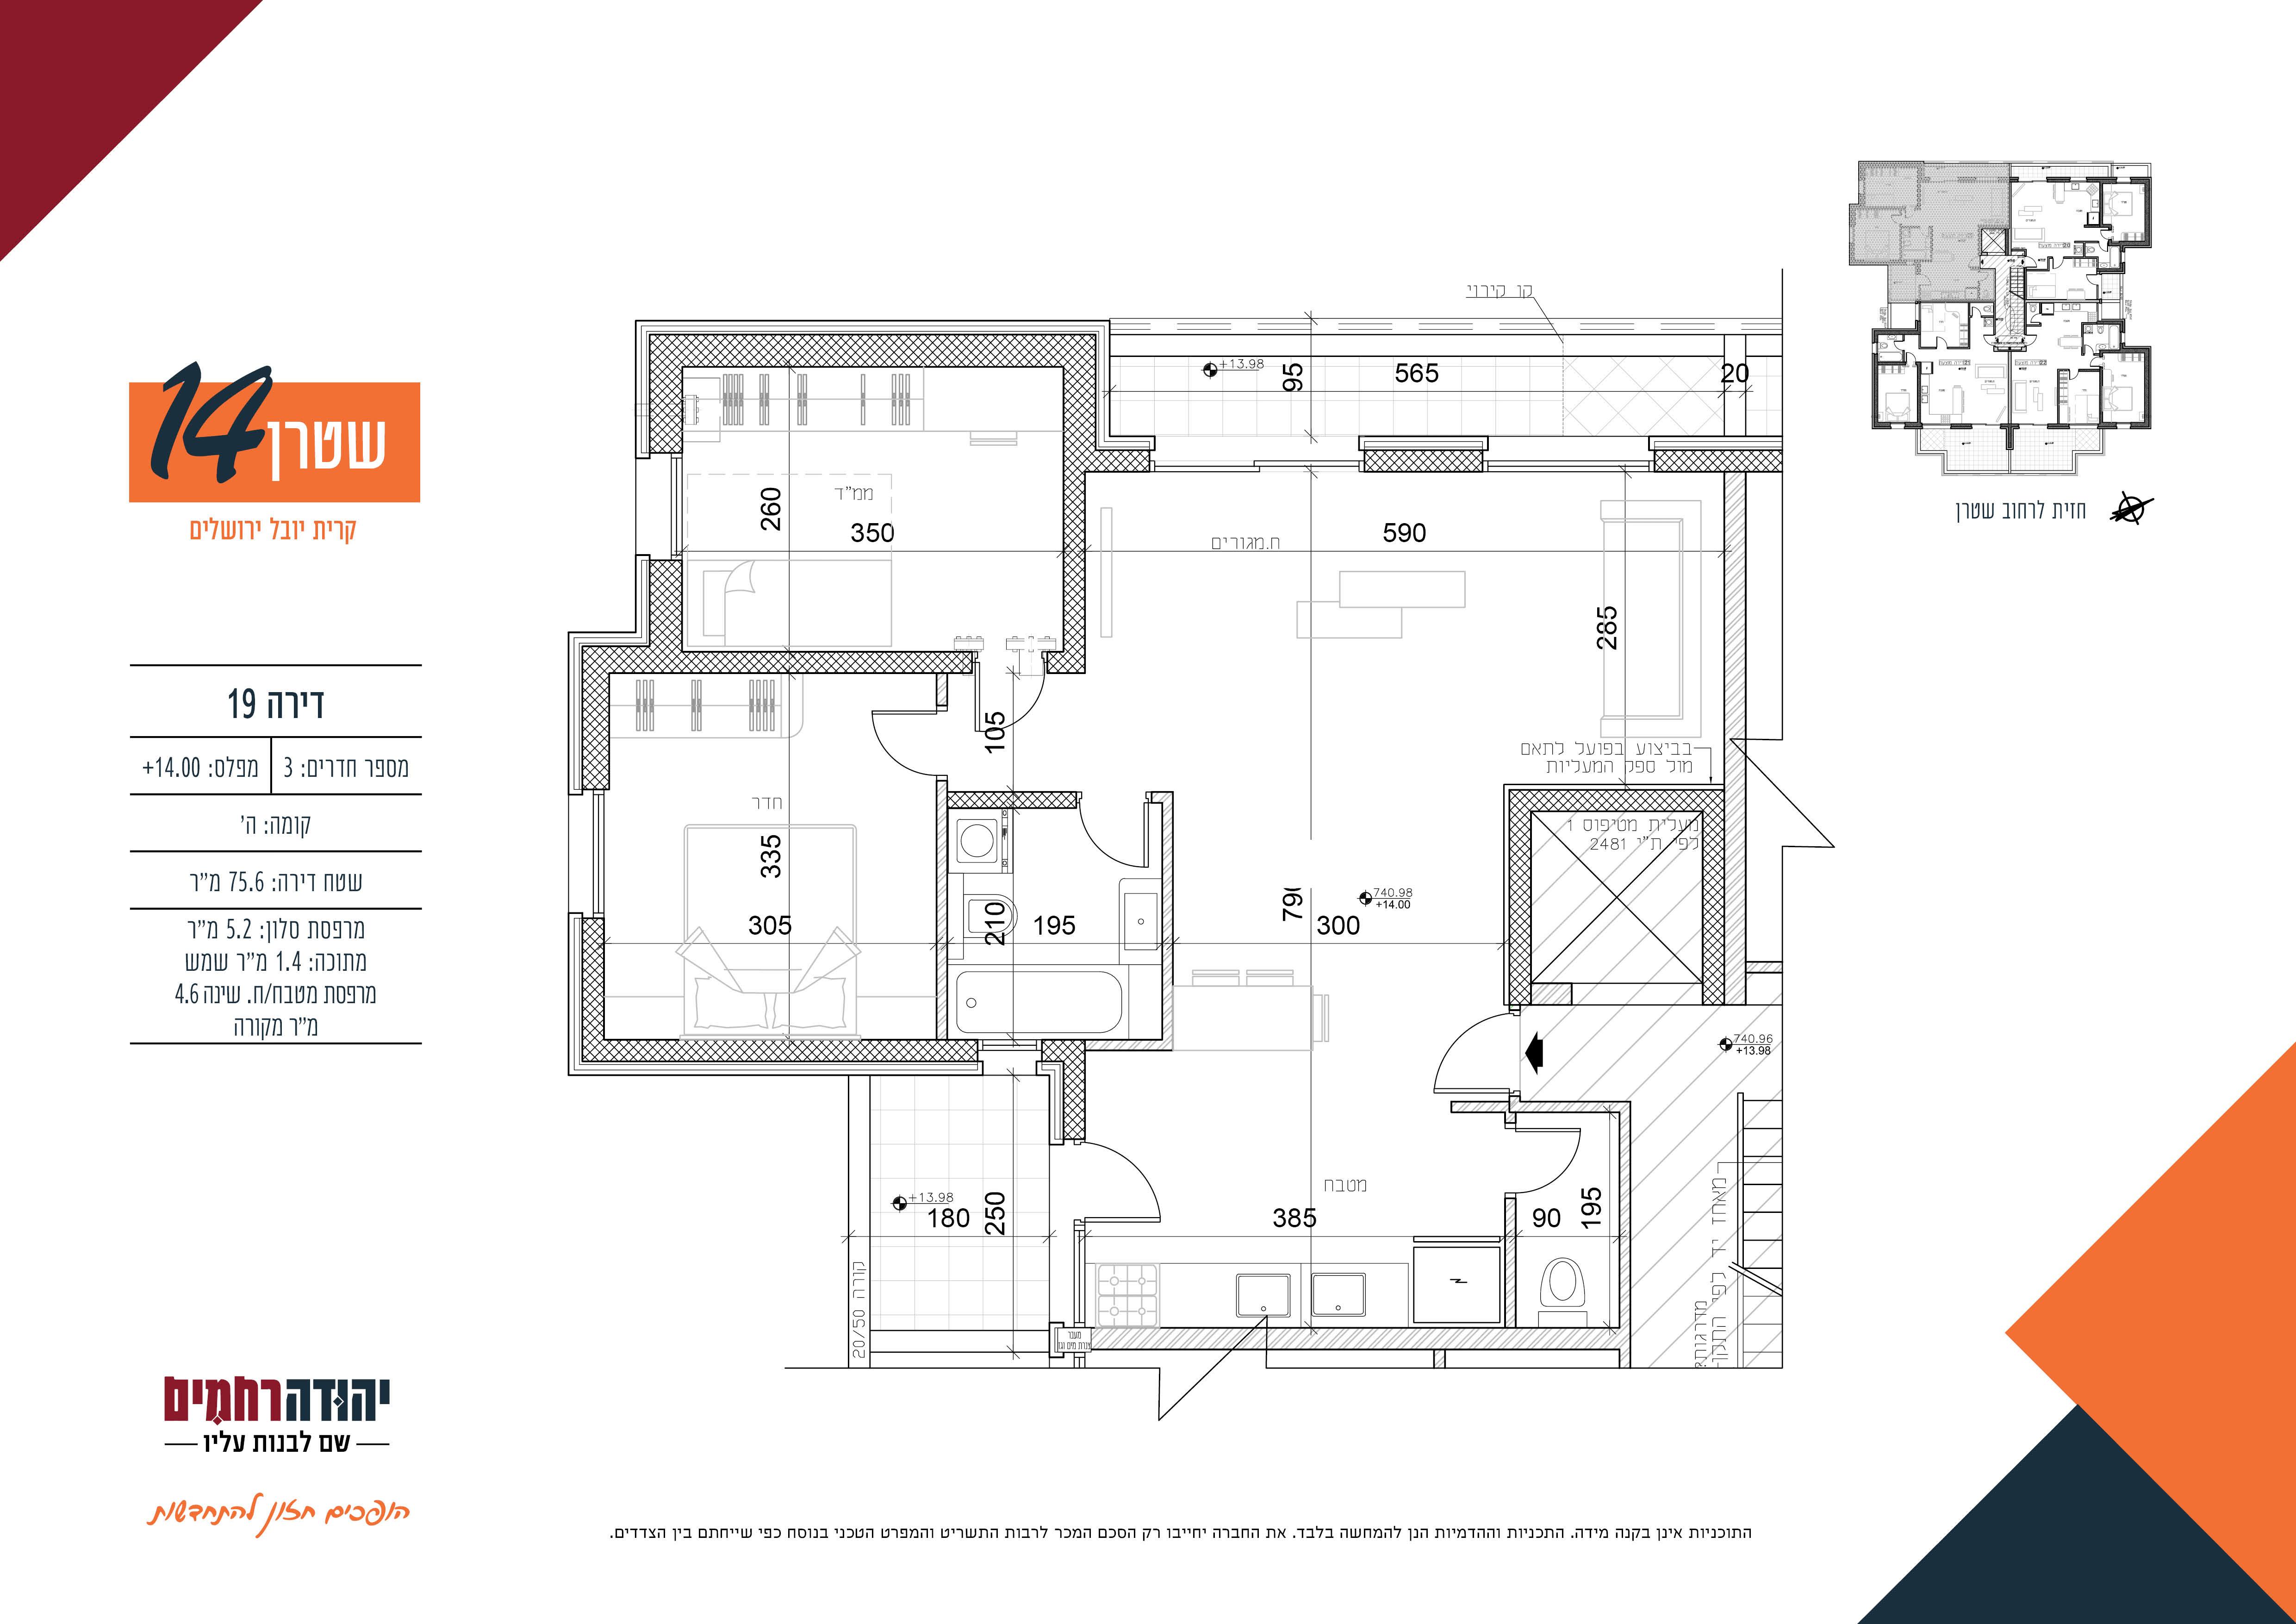 דירה-19 שטרן 14